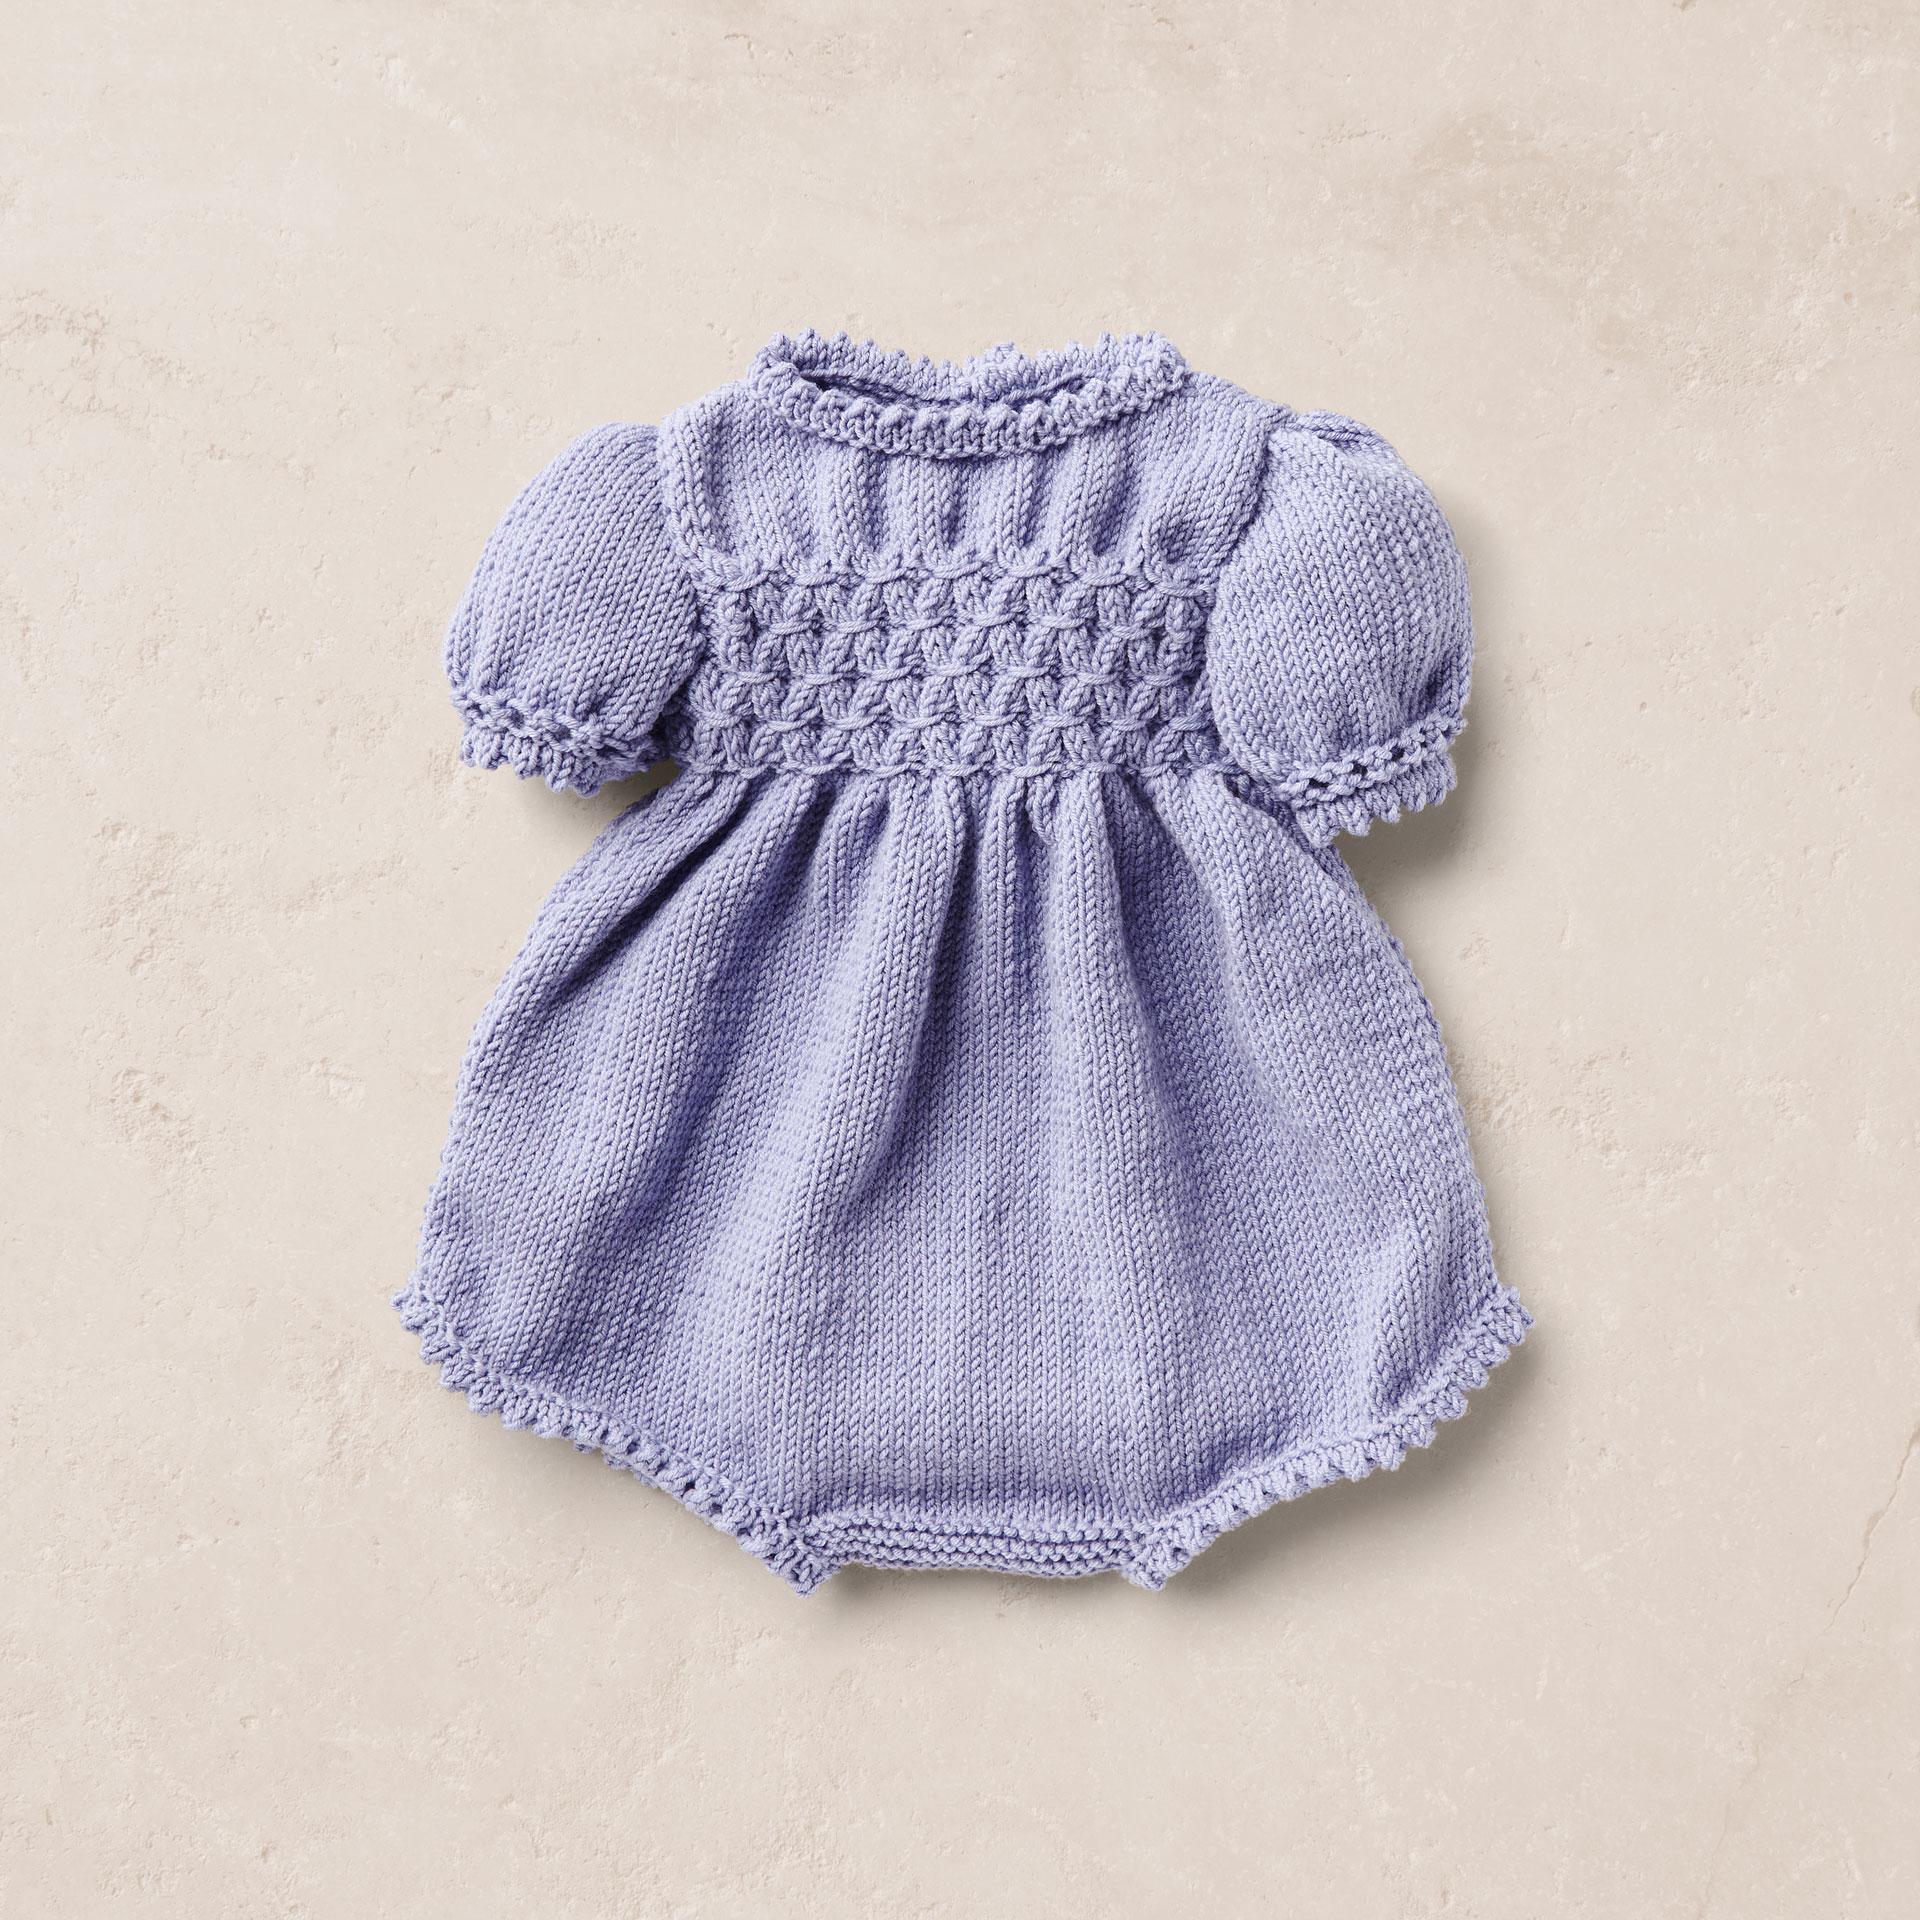 Merino wool Van Beren baby knit romper EERO, purple,